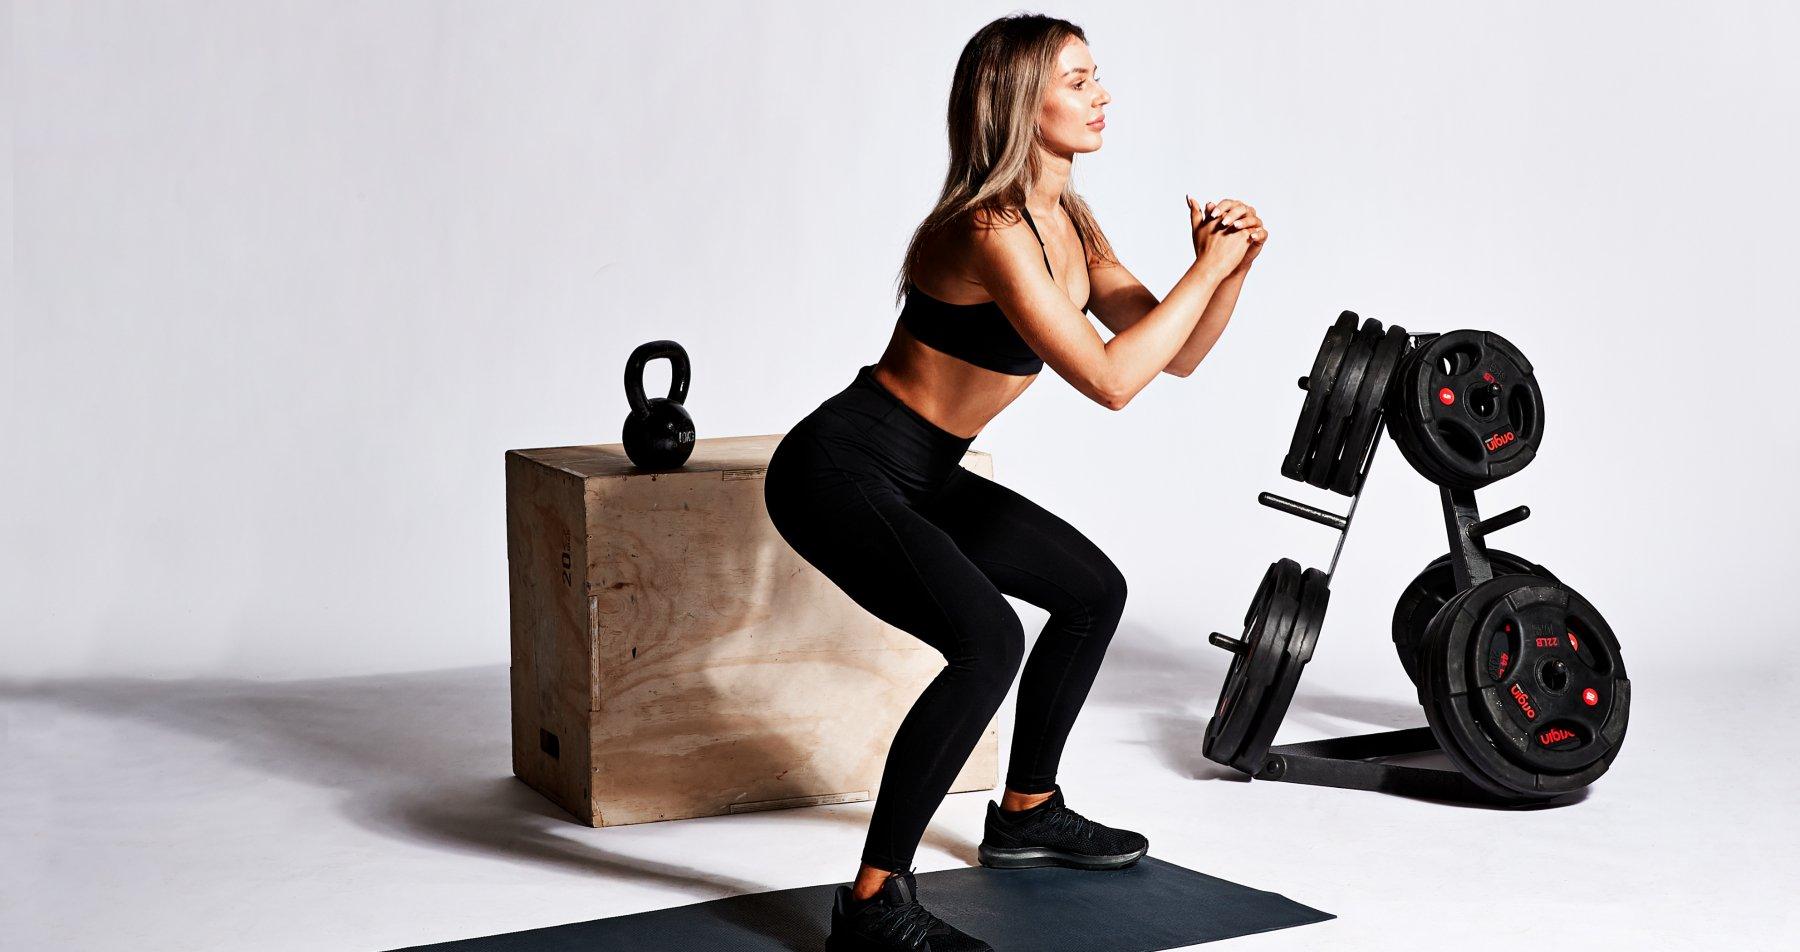 Тренировка нижней части тела I 6 упражнений